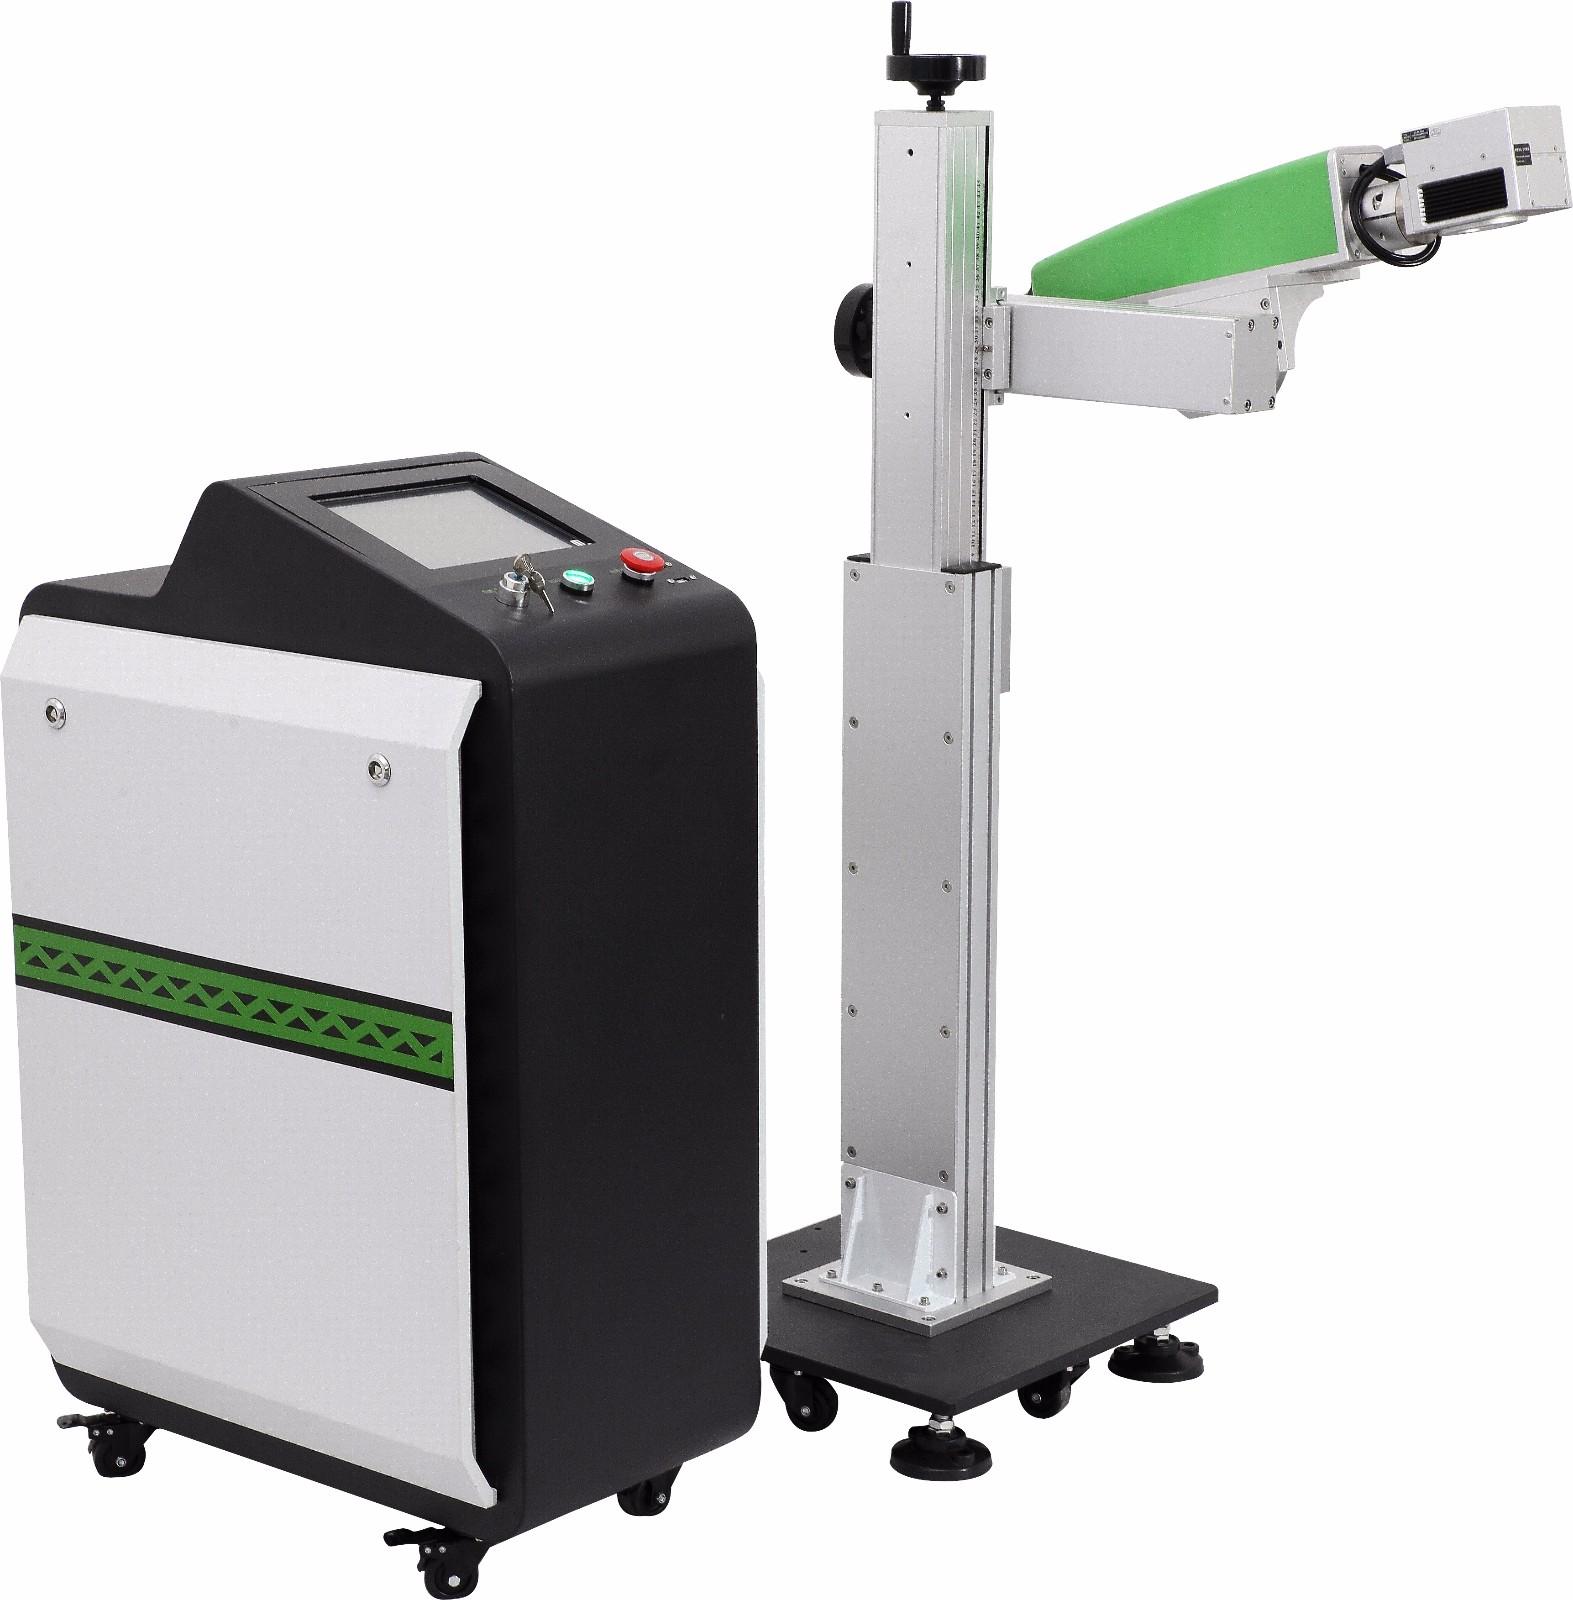 高速激光设备打码机有那些/激光设备打码机价格/进口的激光设备打码机